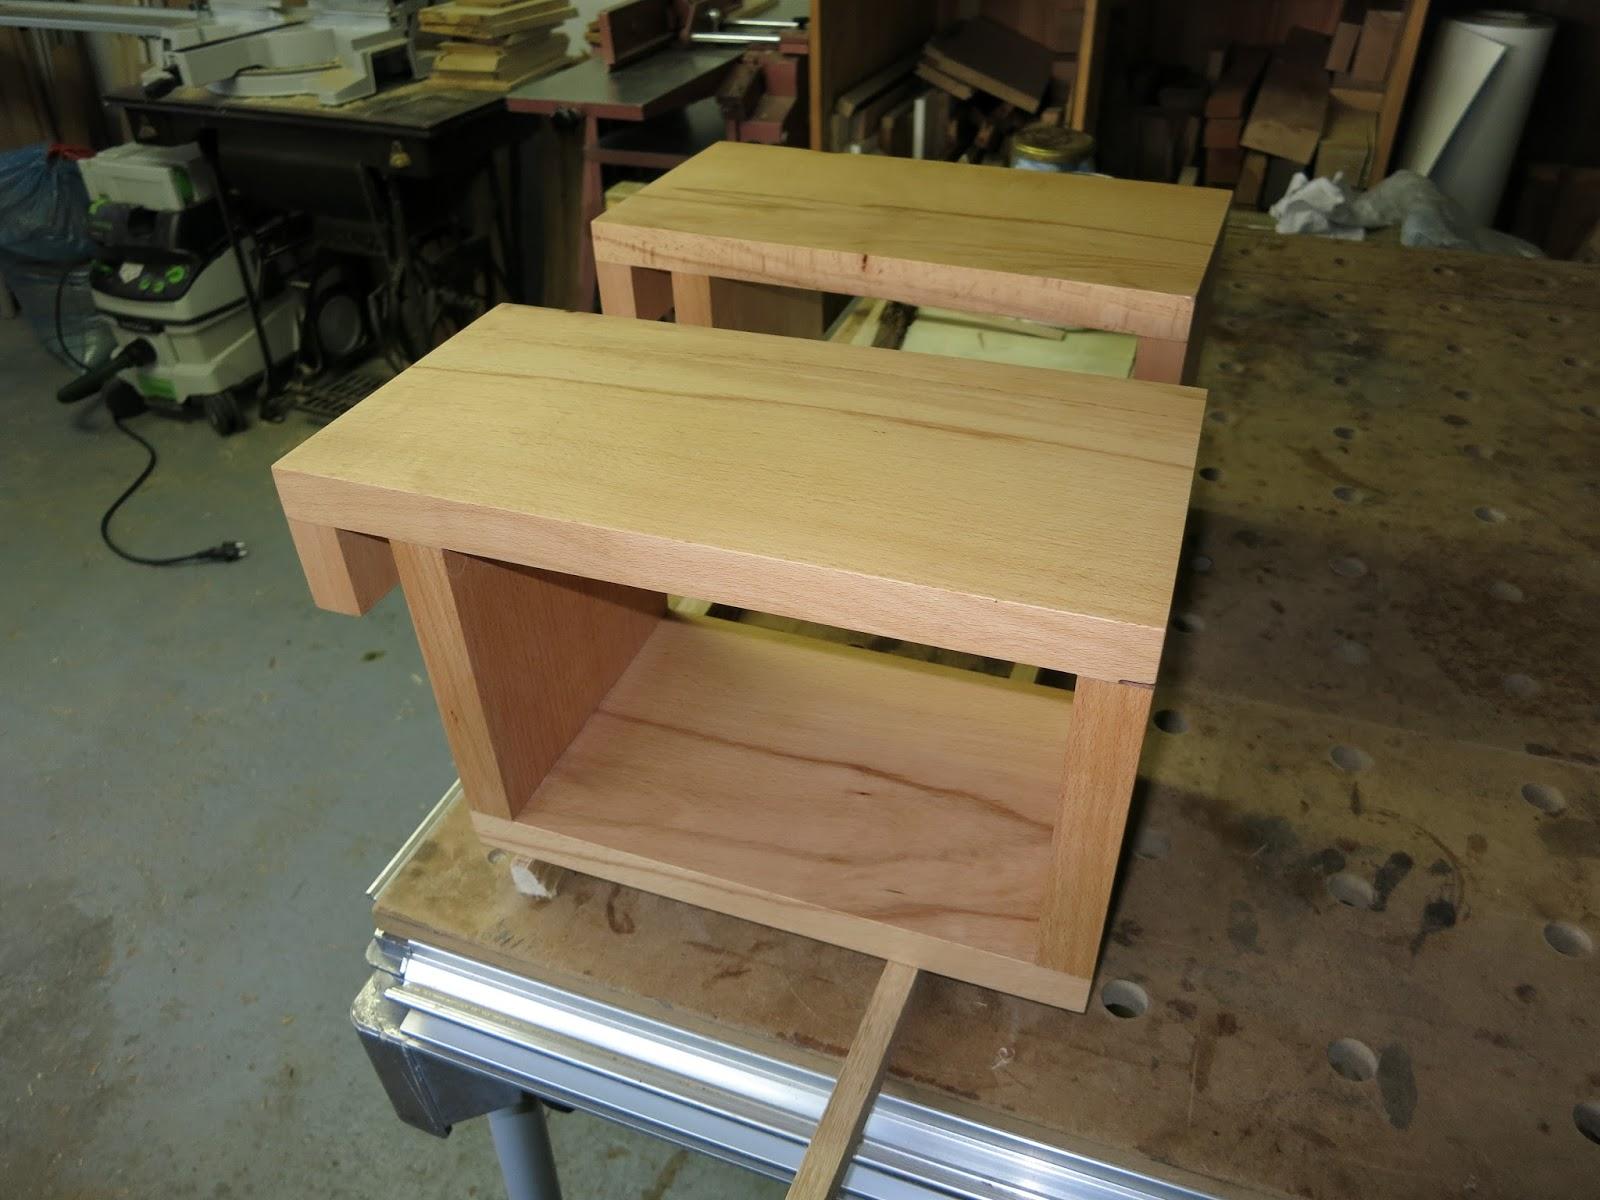 nachttisch selber bauen swalif. Black Bedroom Furniture Sets. Home Design Ideas